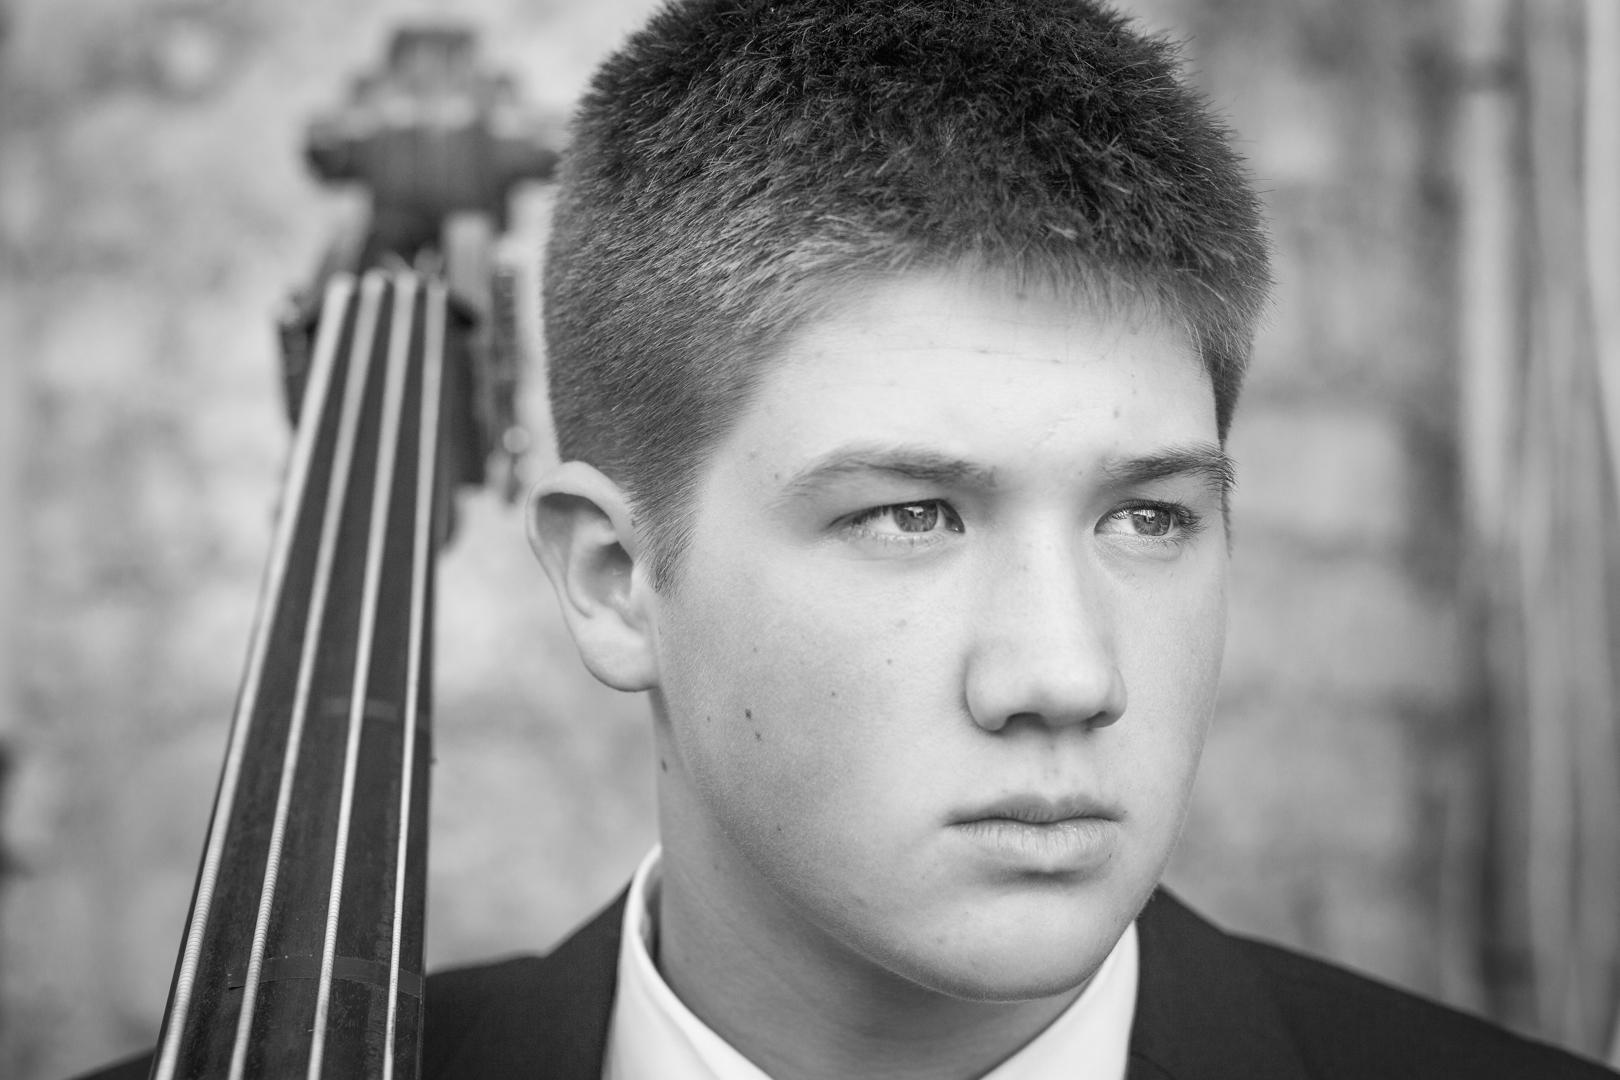 Bass player Isaac